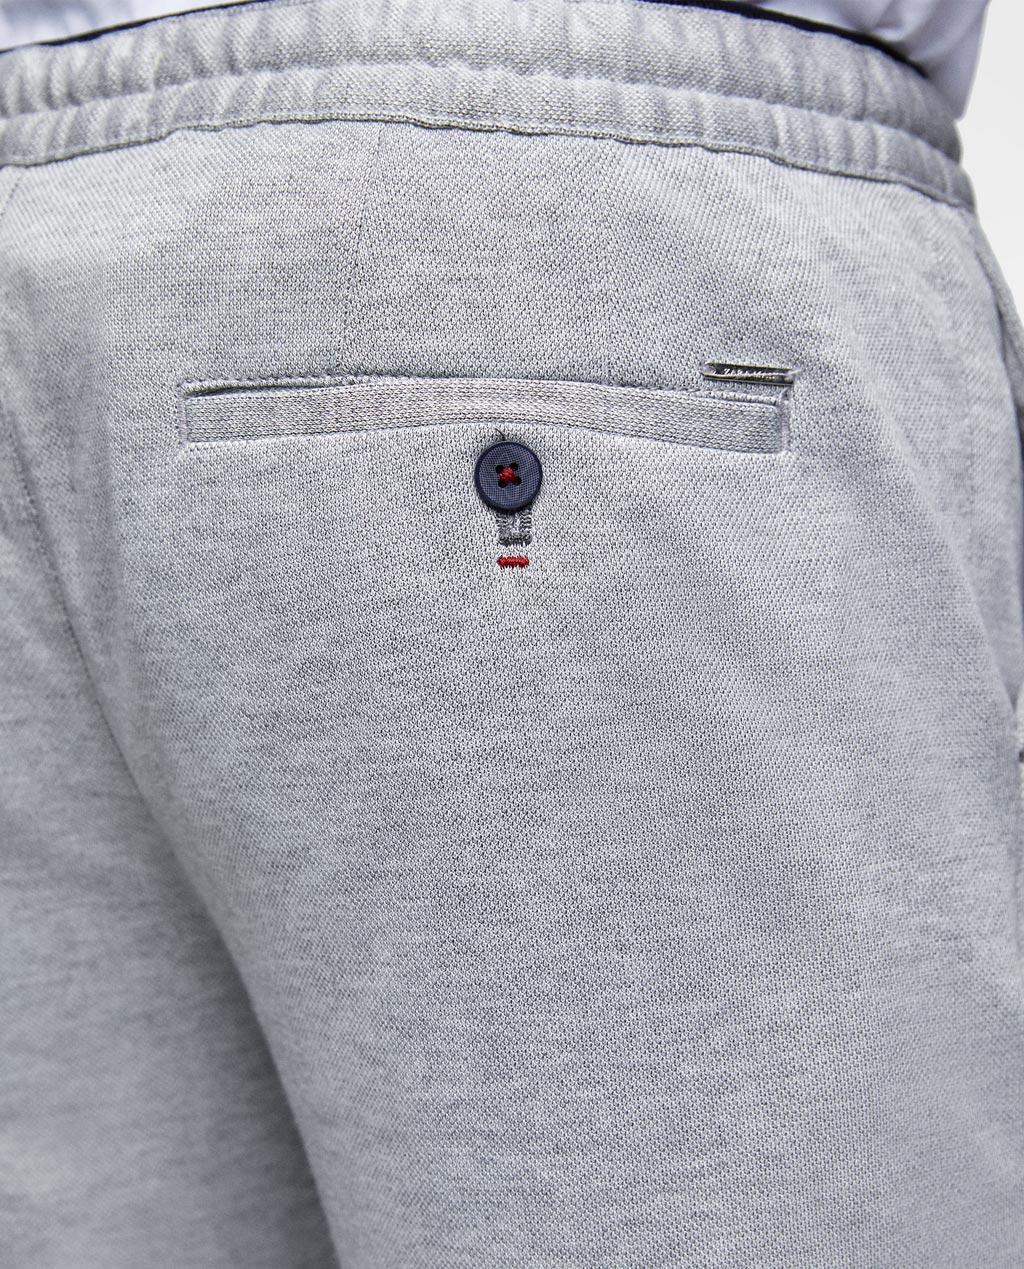 Thời trang nam Zara  24033 - ảnh 7